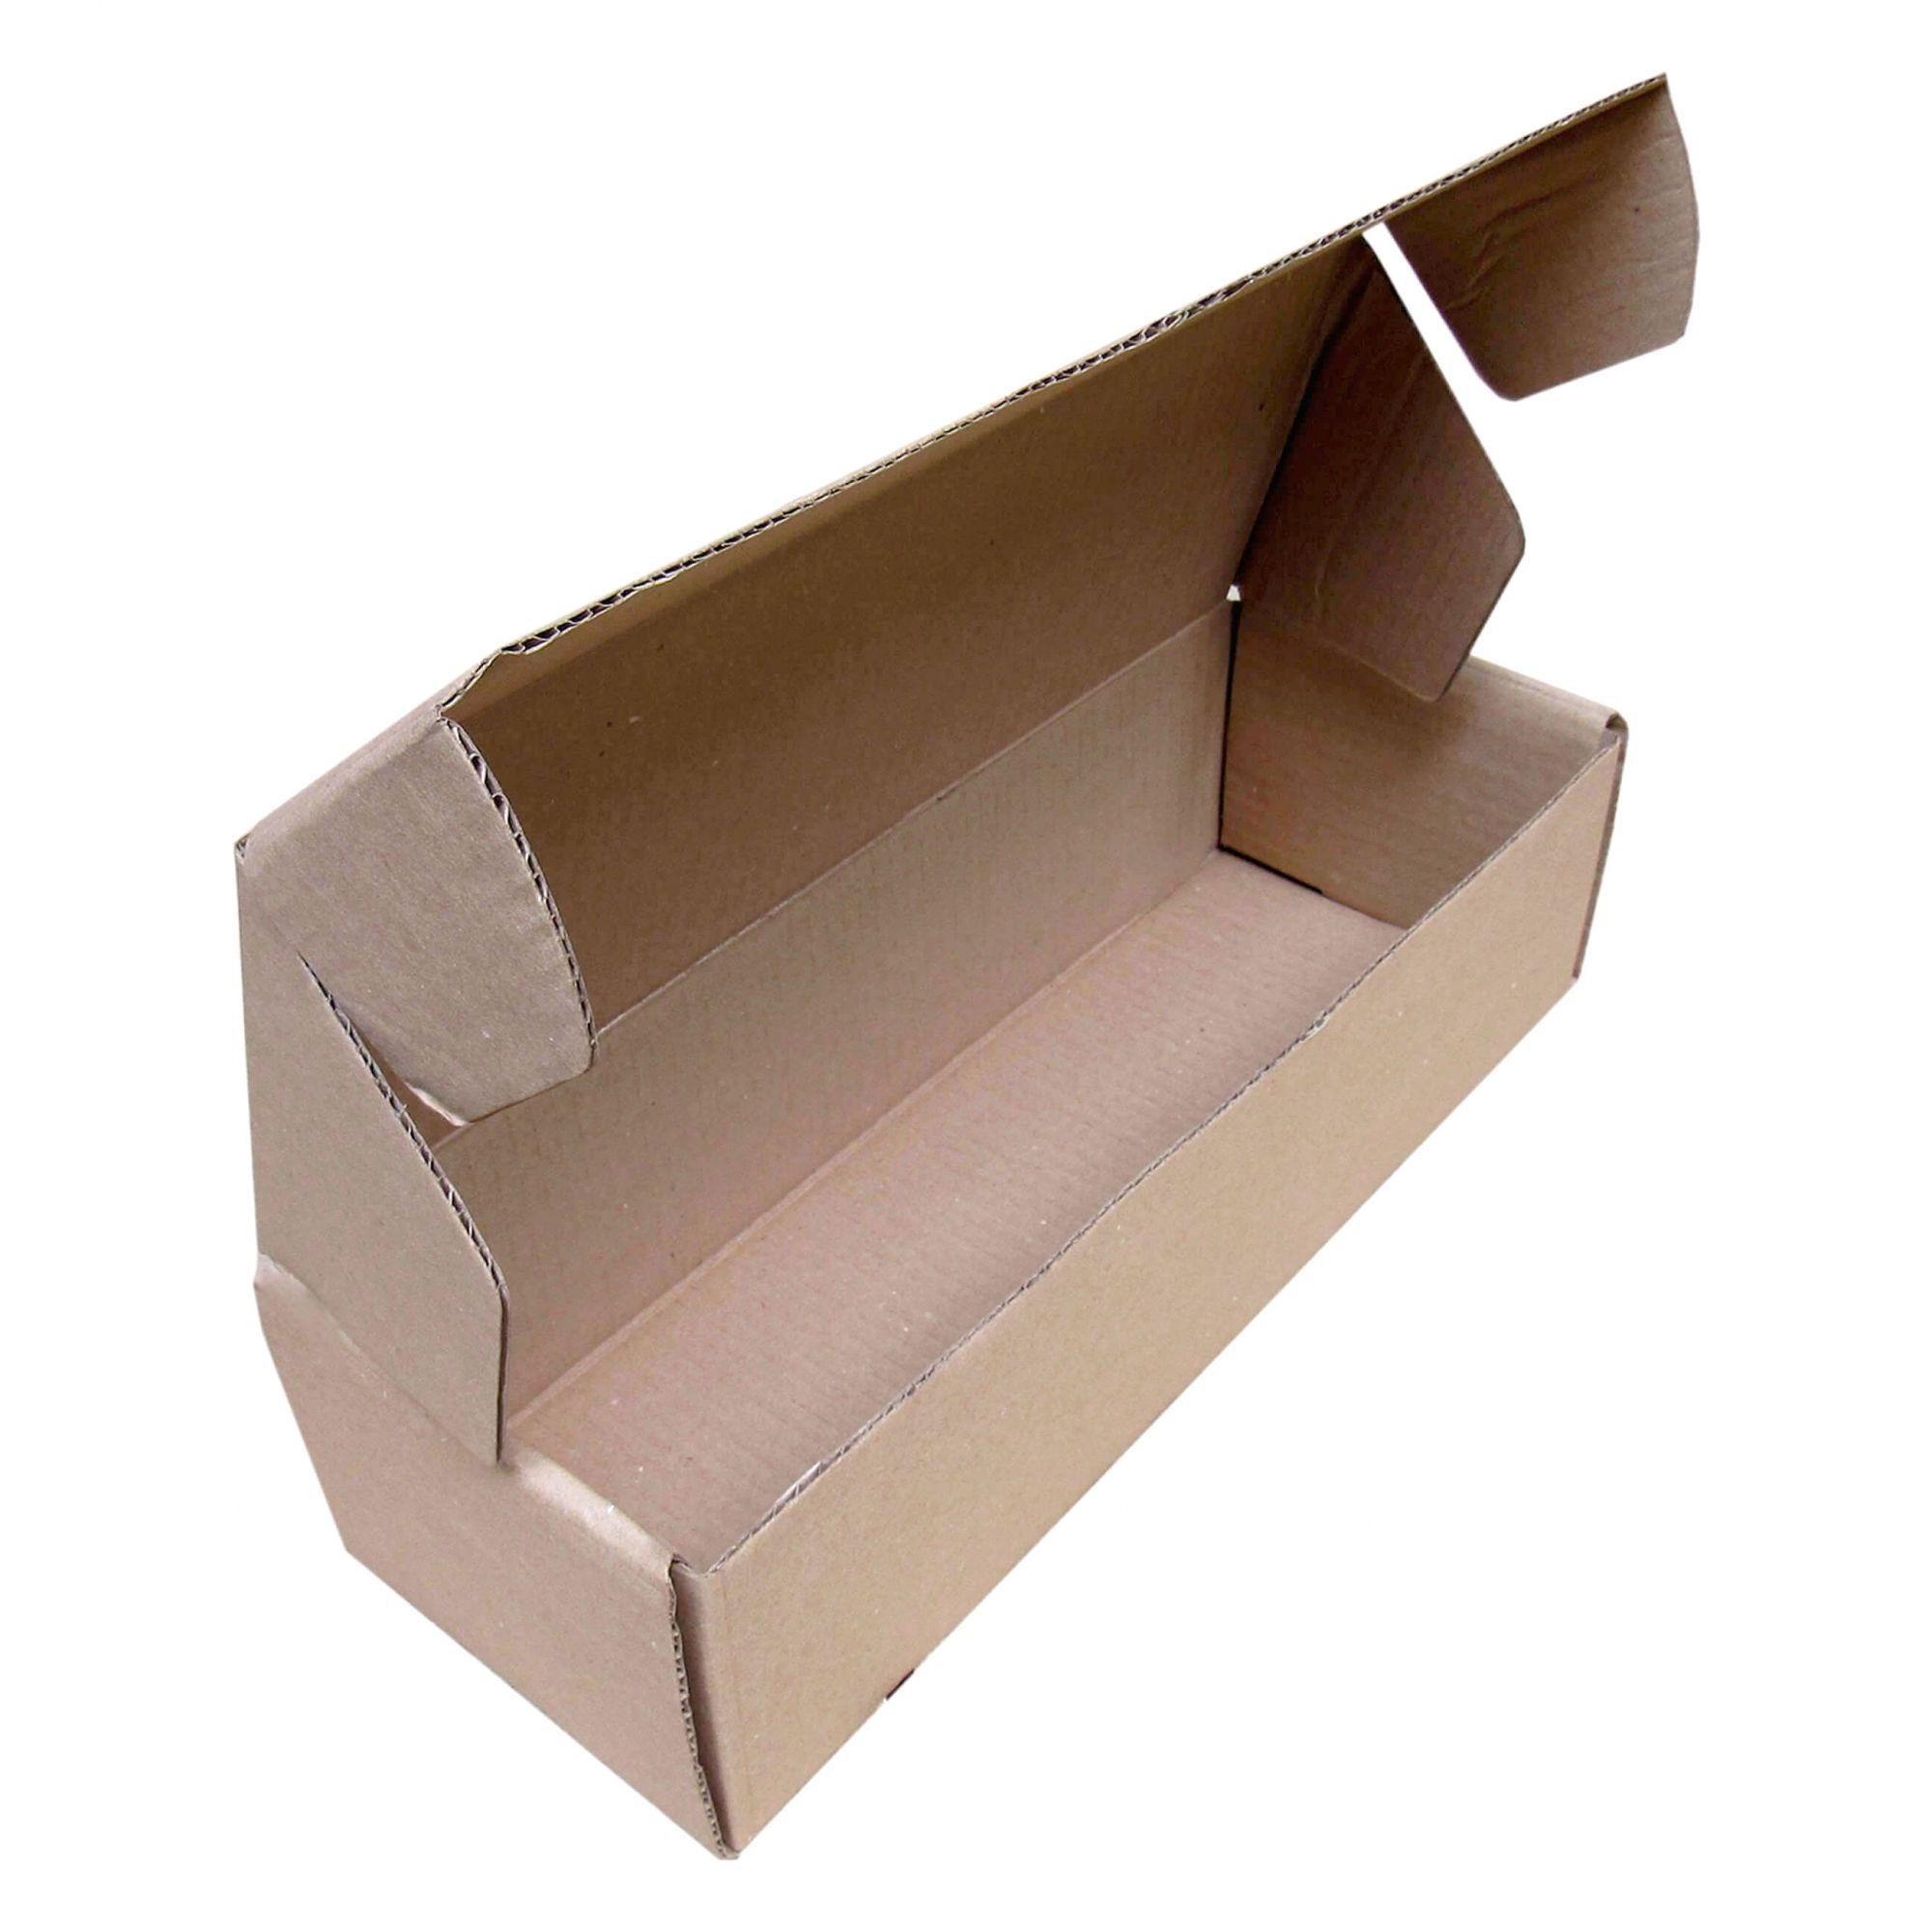 Caixa de Papelão para correios M4 36x13x10cm Marpax 25 un